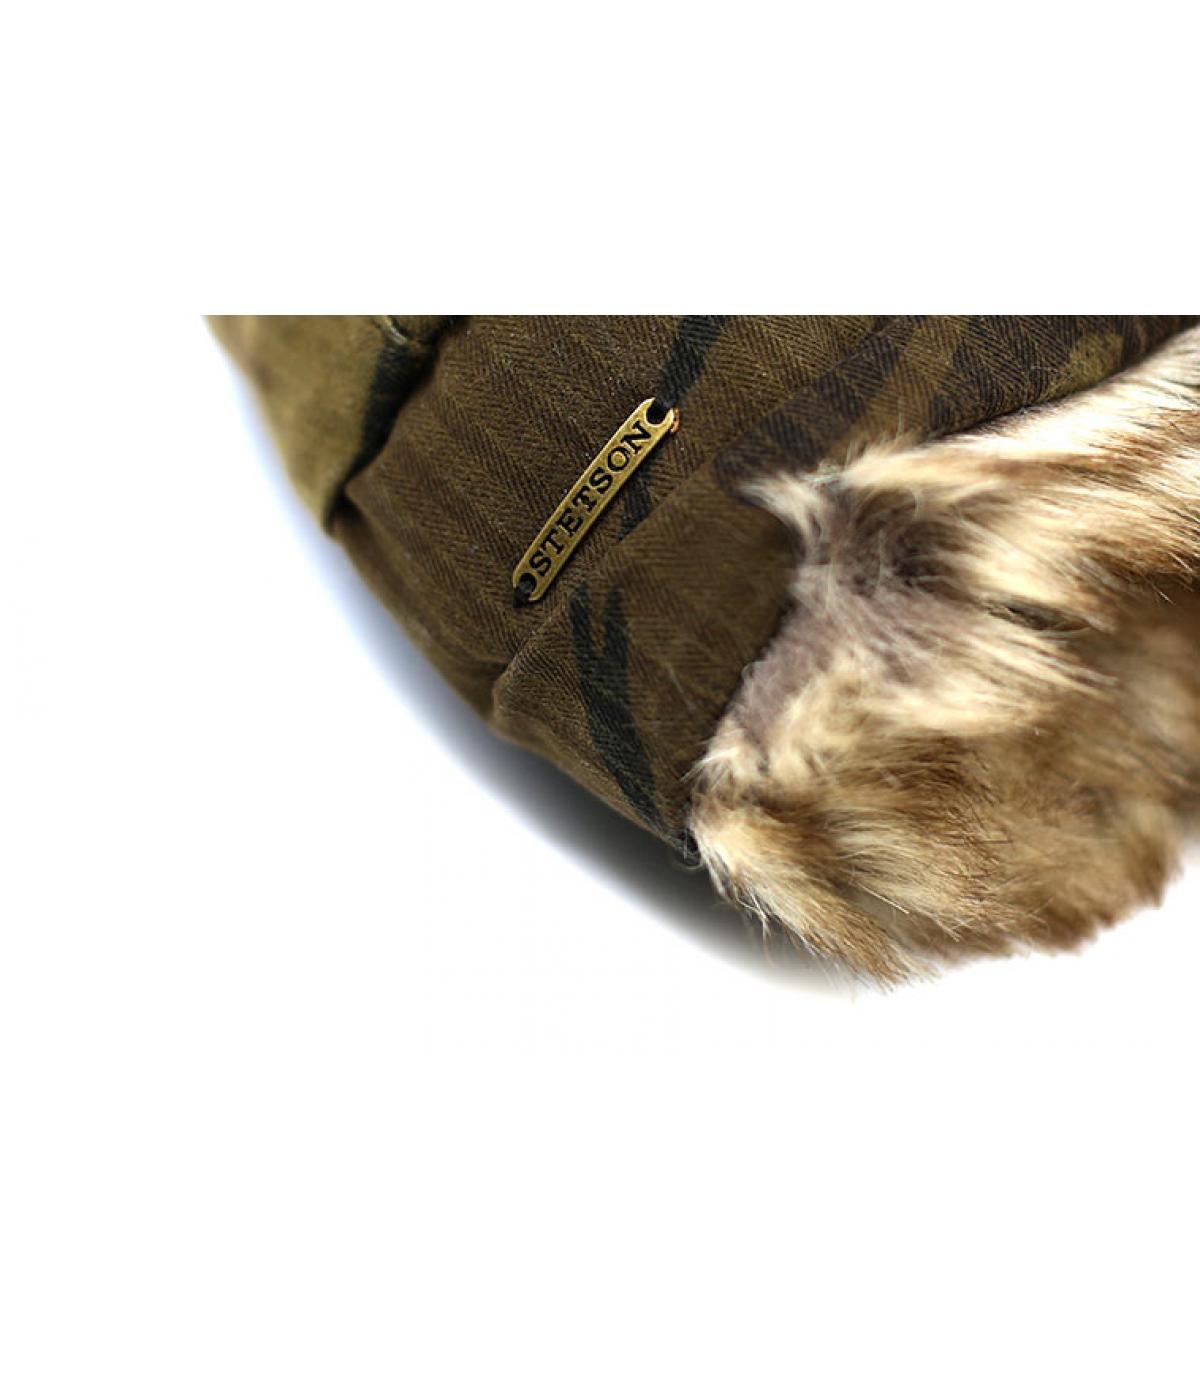 Détails Bomber Cap Waxed Cotton Camouflage - image 3